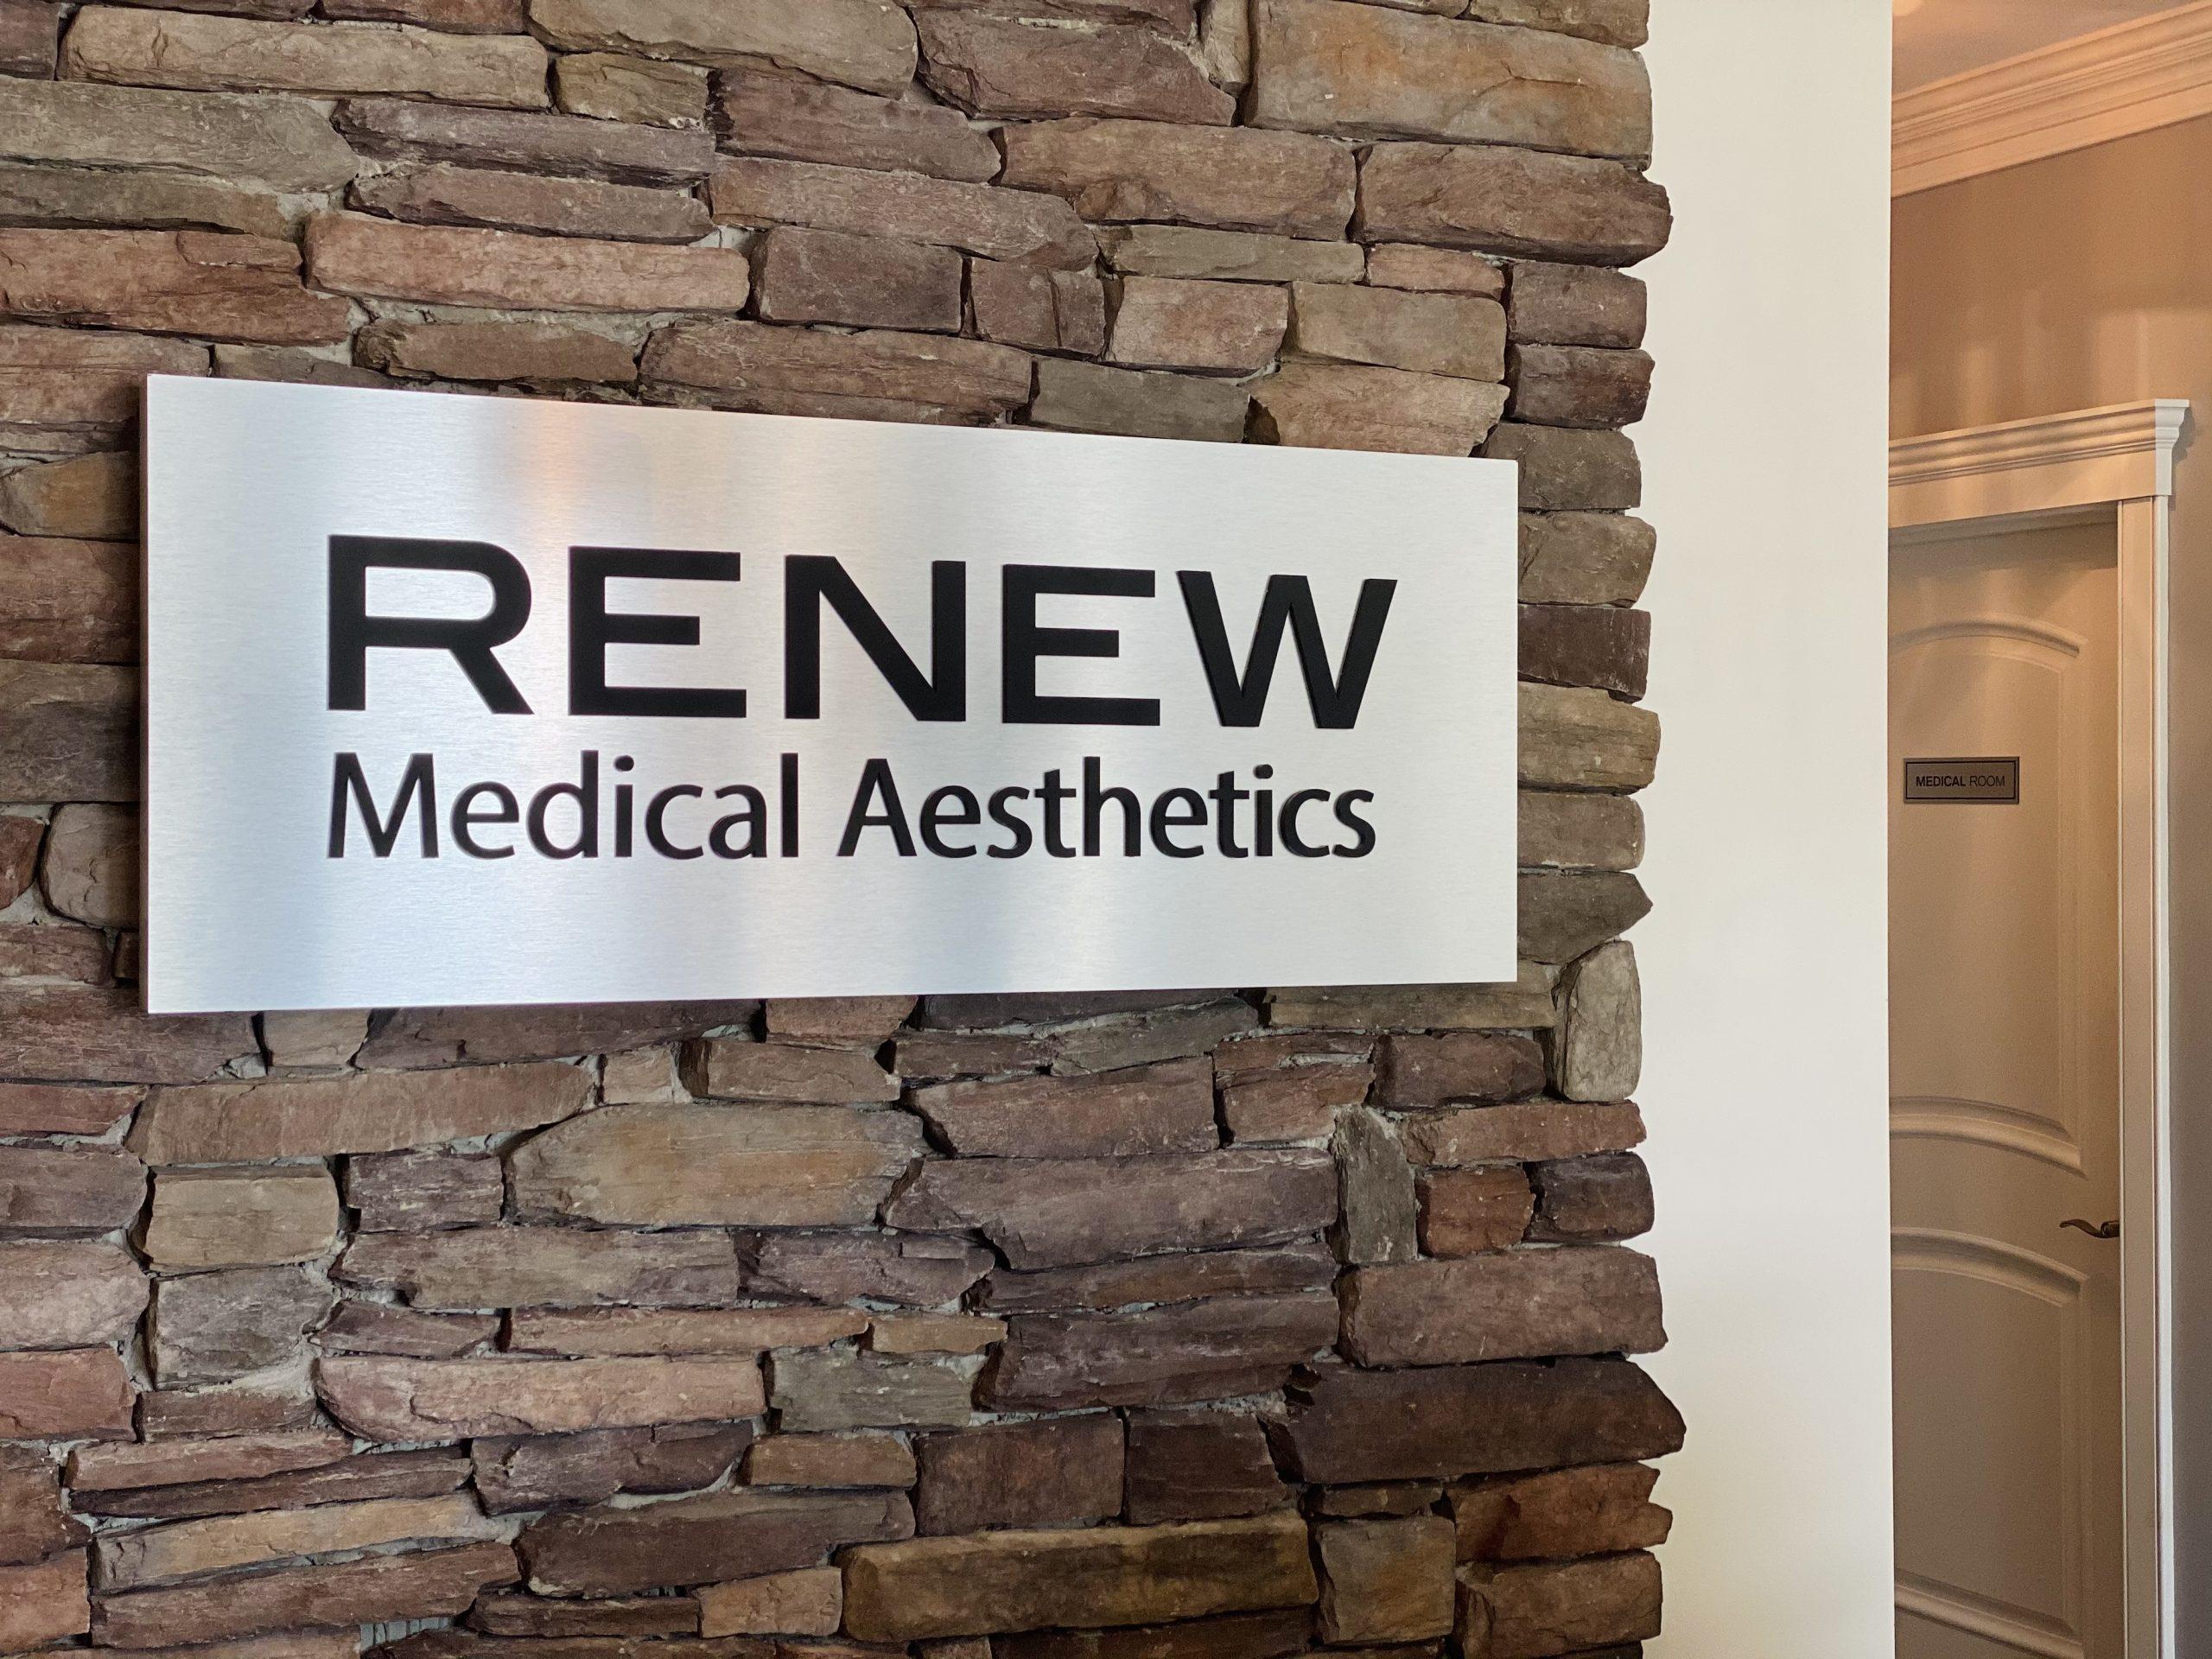 renew skin spa in canton, ma